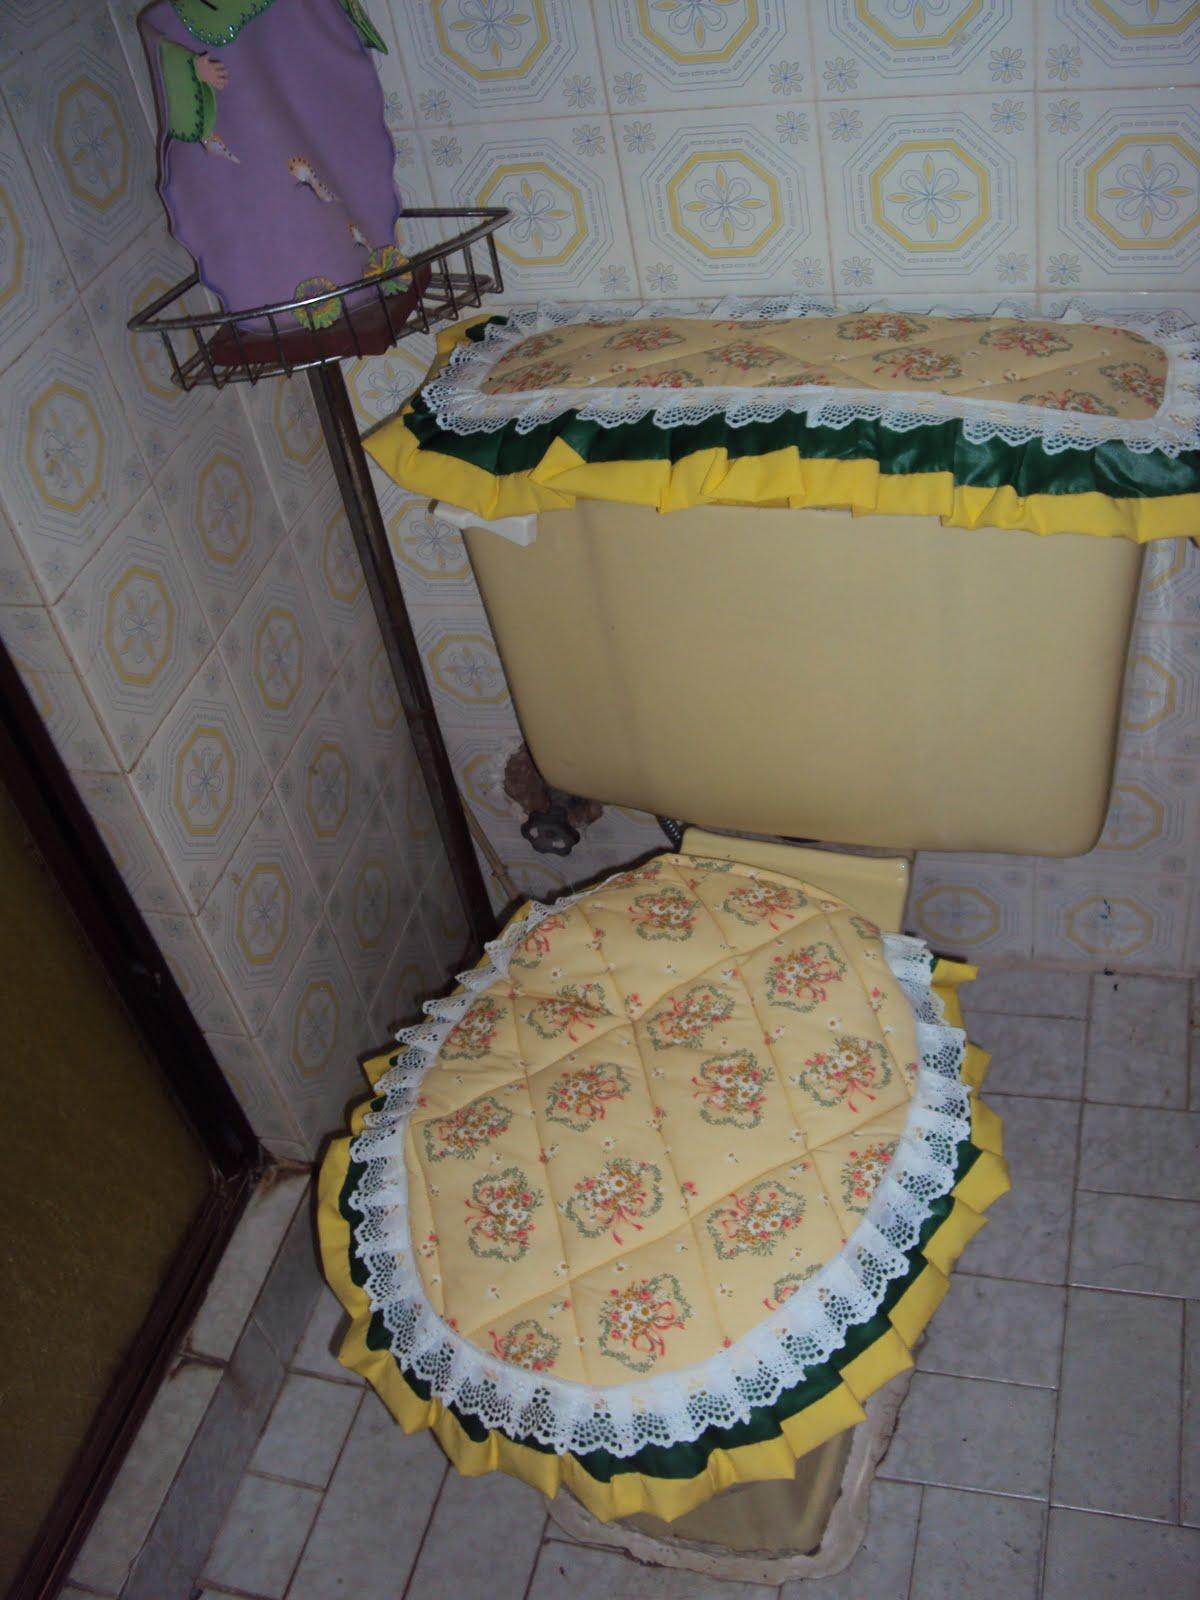 Lenceria De Baño Tejida:PORQUE? Las fotos en el baño, para apreciar mejor el trabajo